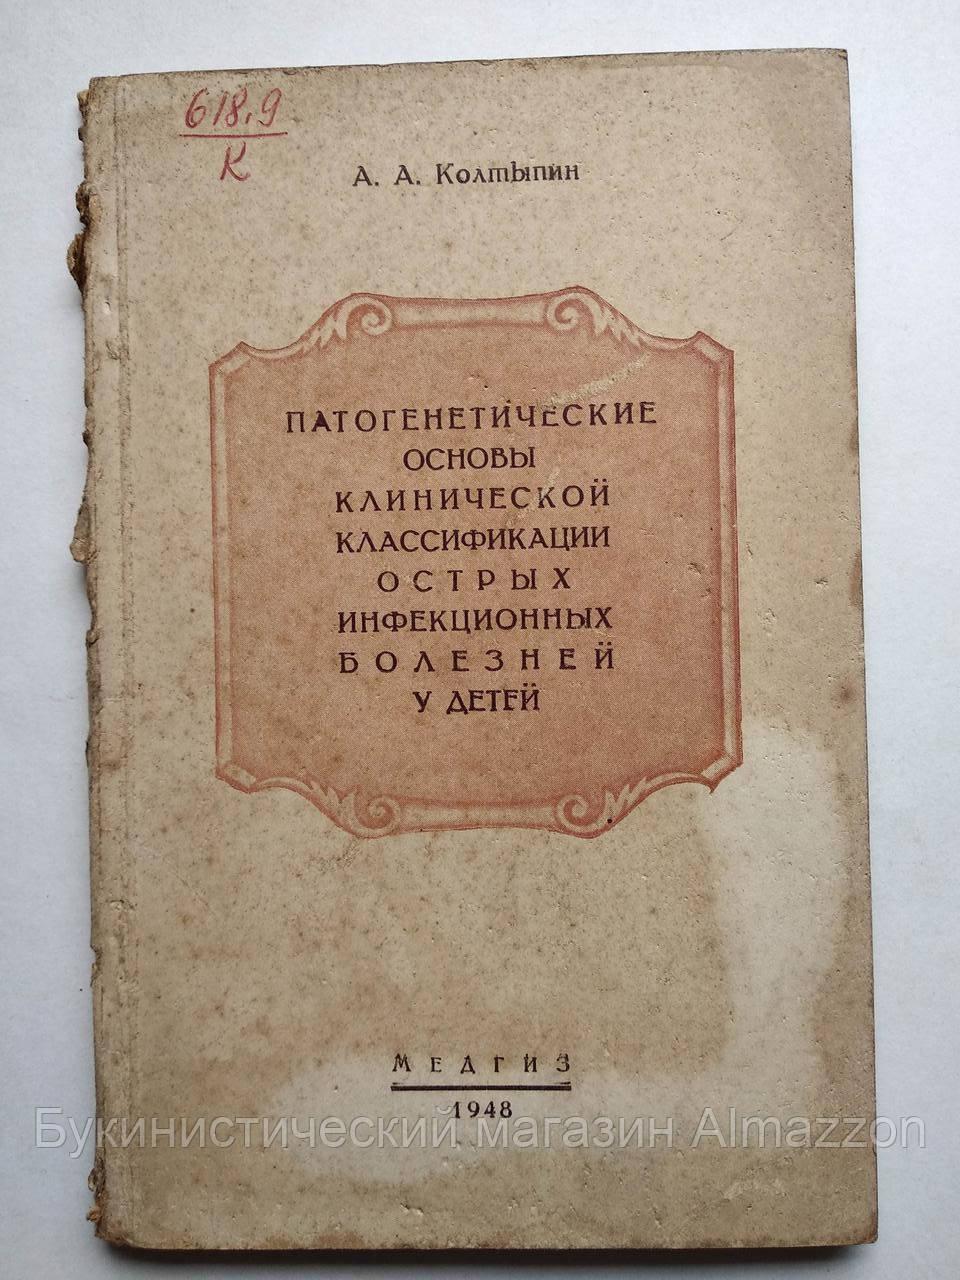 Патогенетические основы клинической классификации острых инфекционных болезней А.А.Колтыпин